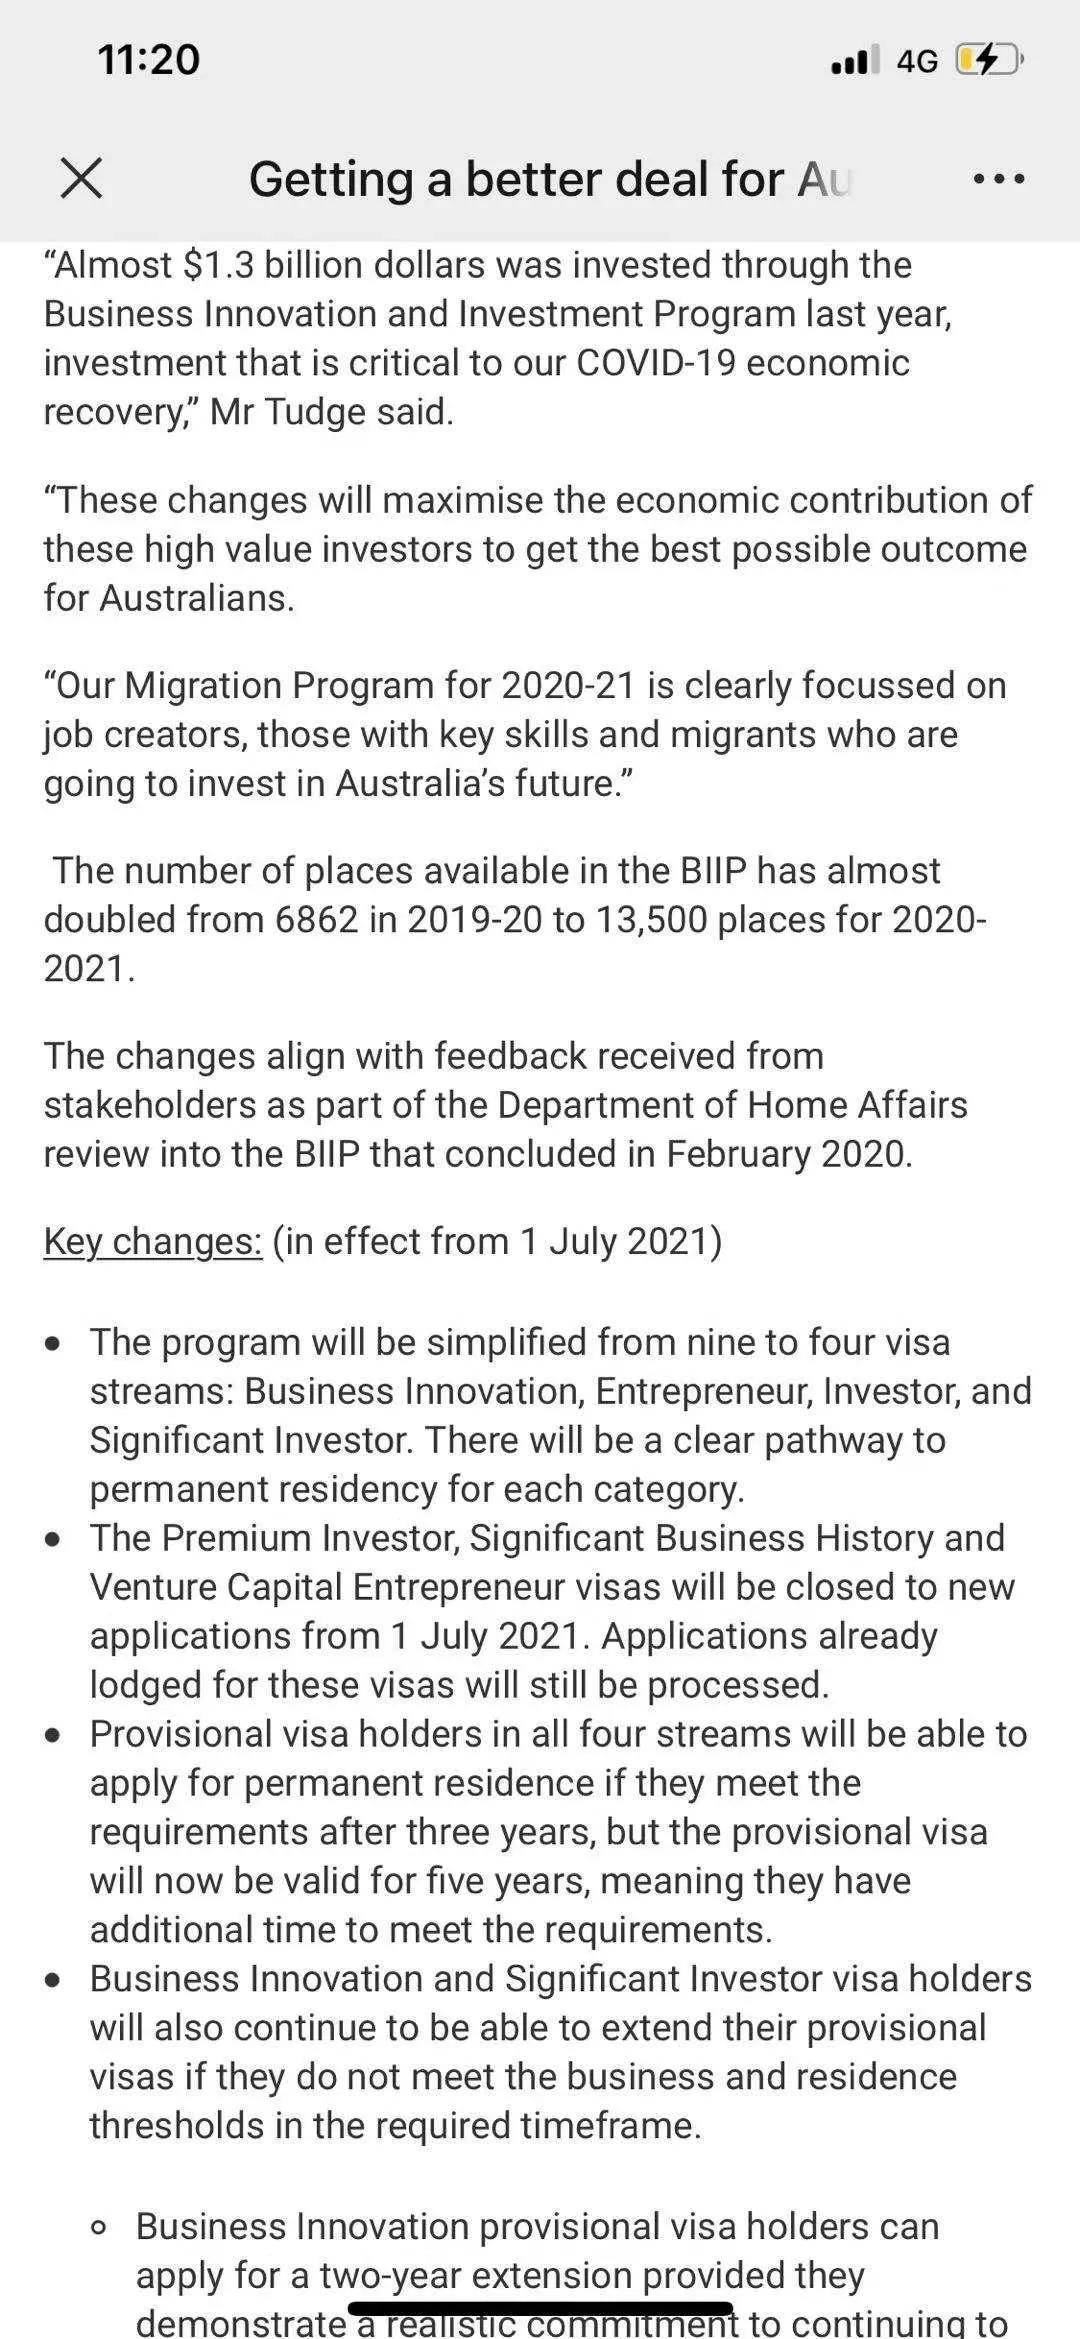 澳洲商业移民重大变化通告